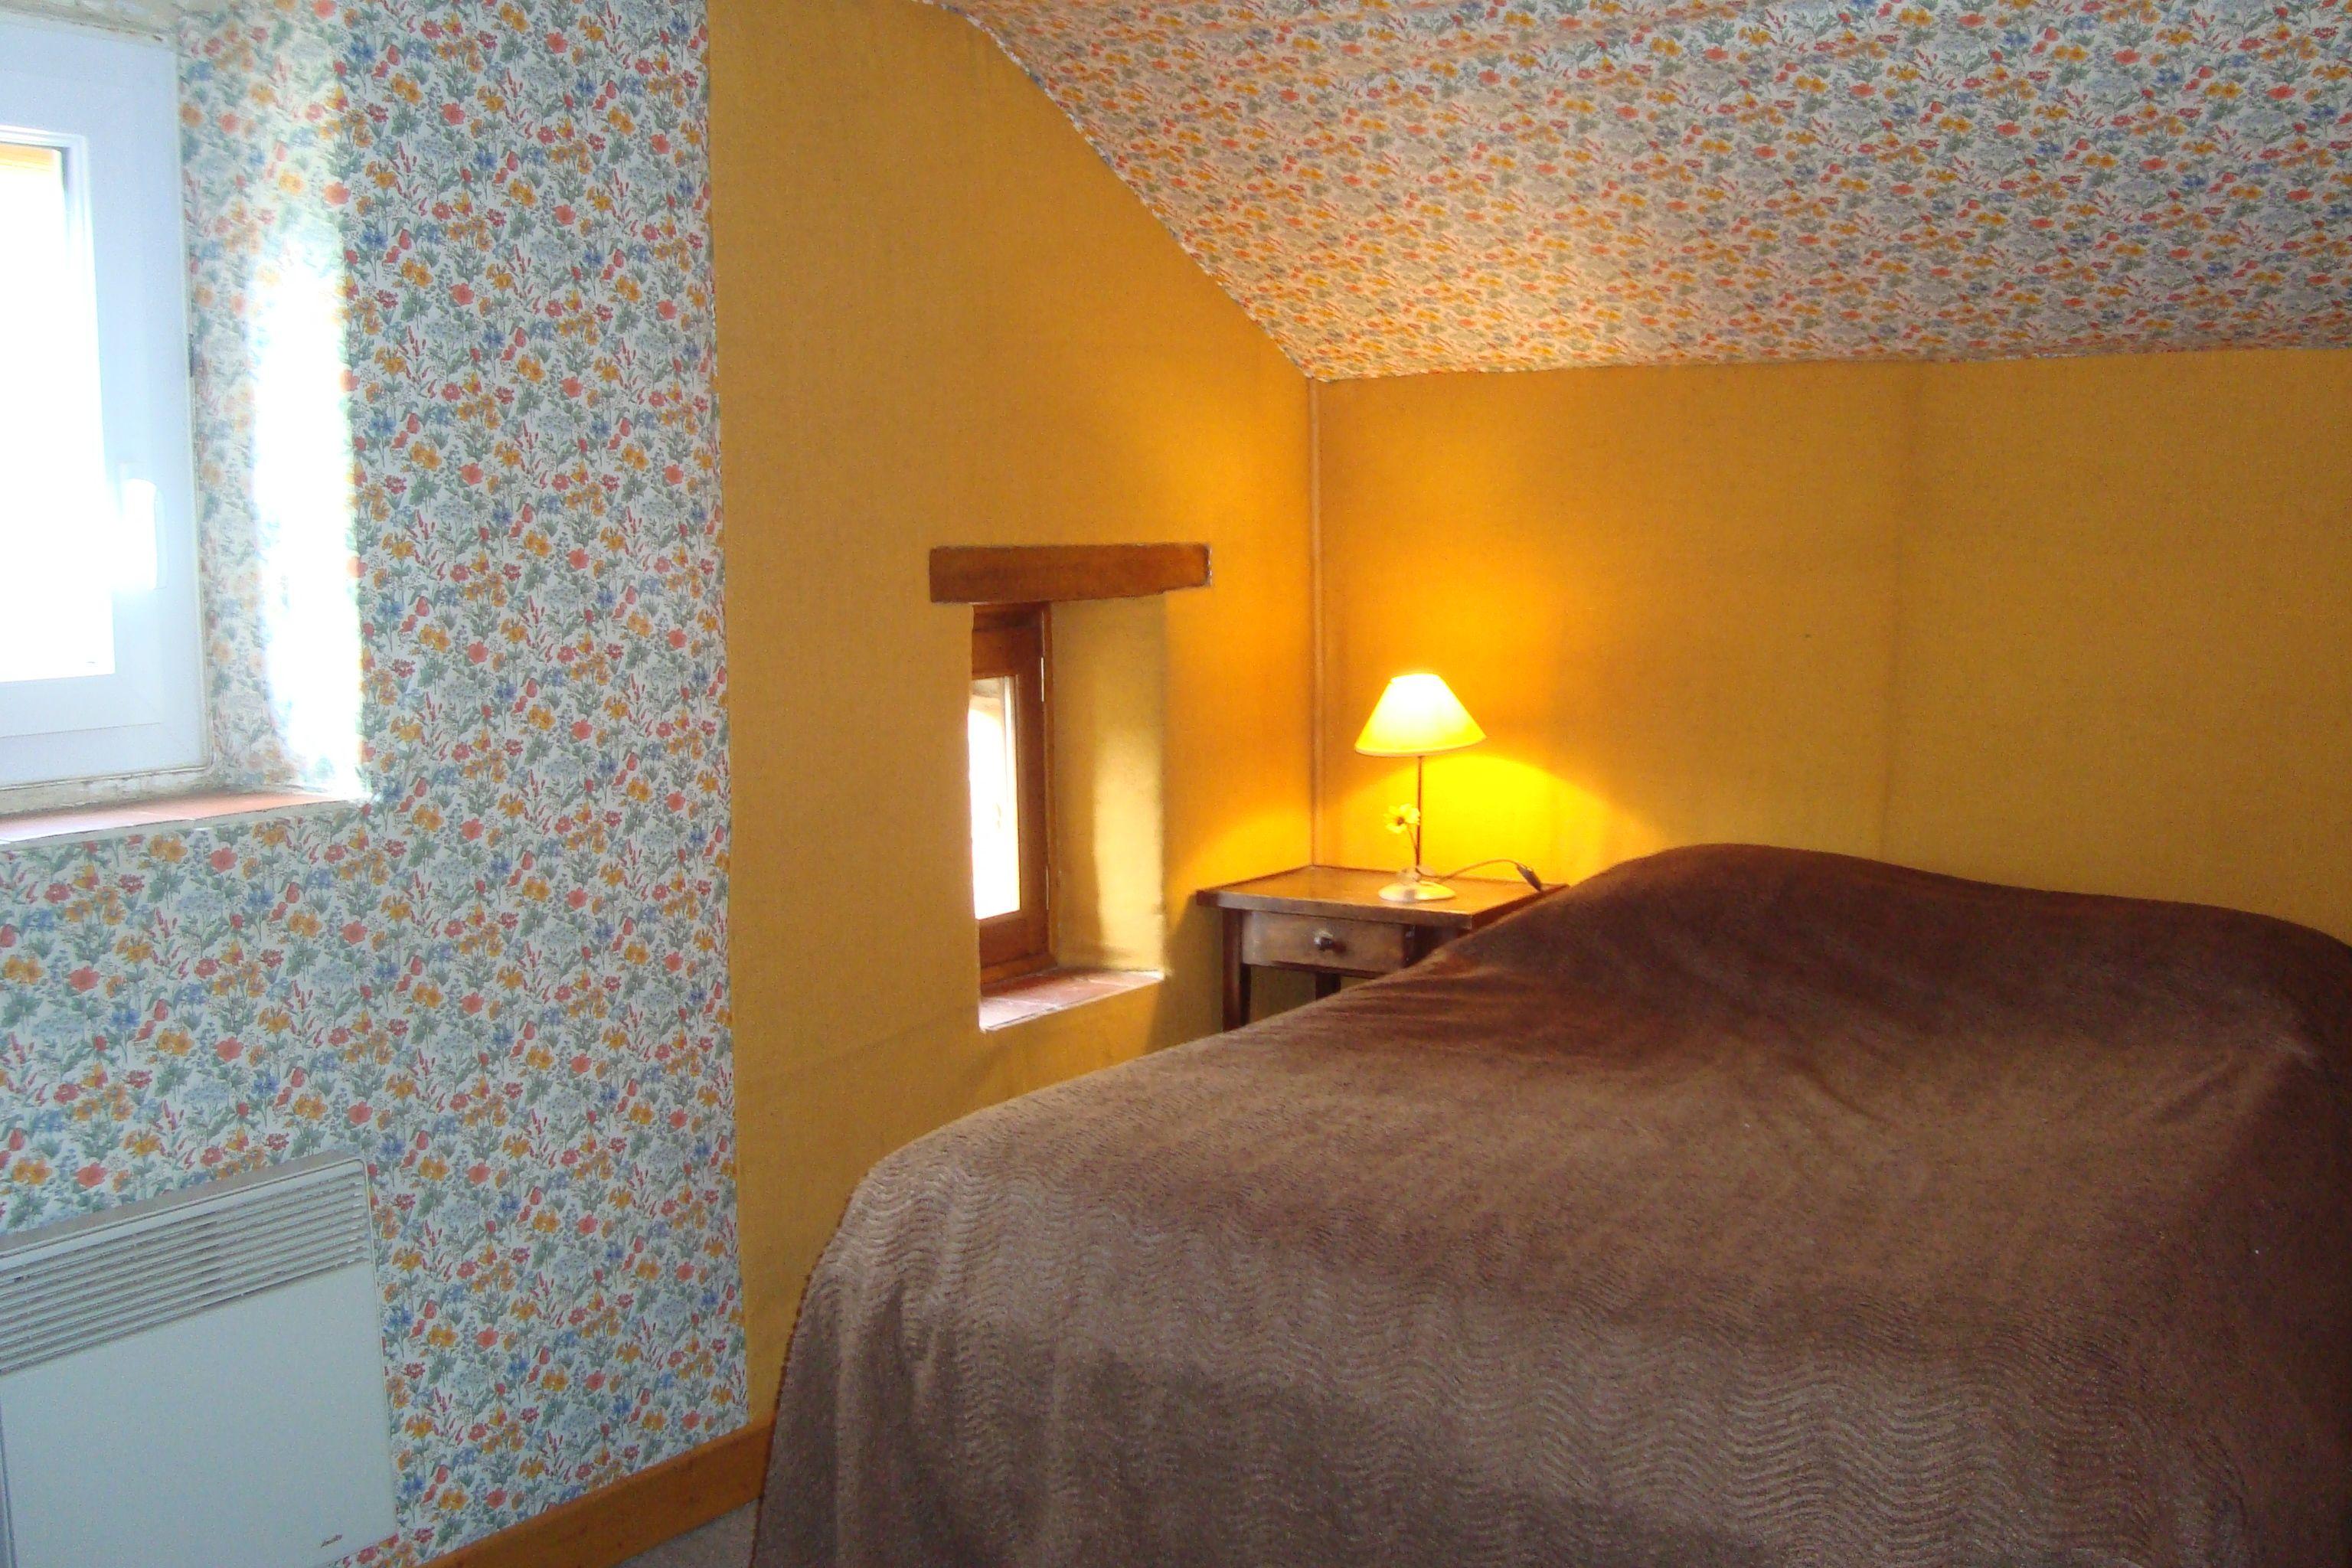 Chambre le Pigeonnier, un lit double, 2 petites fenêtres donnant sur la campagne, une penderie, une commode